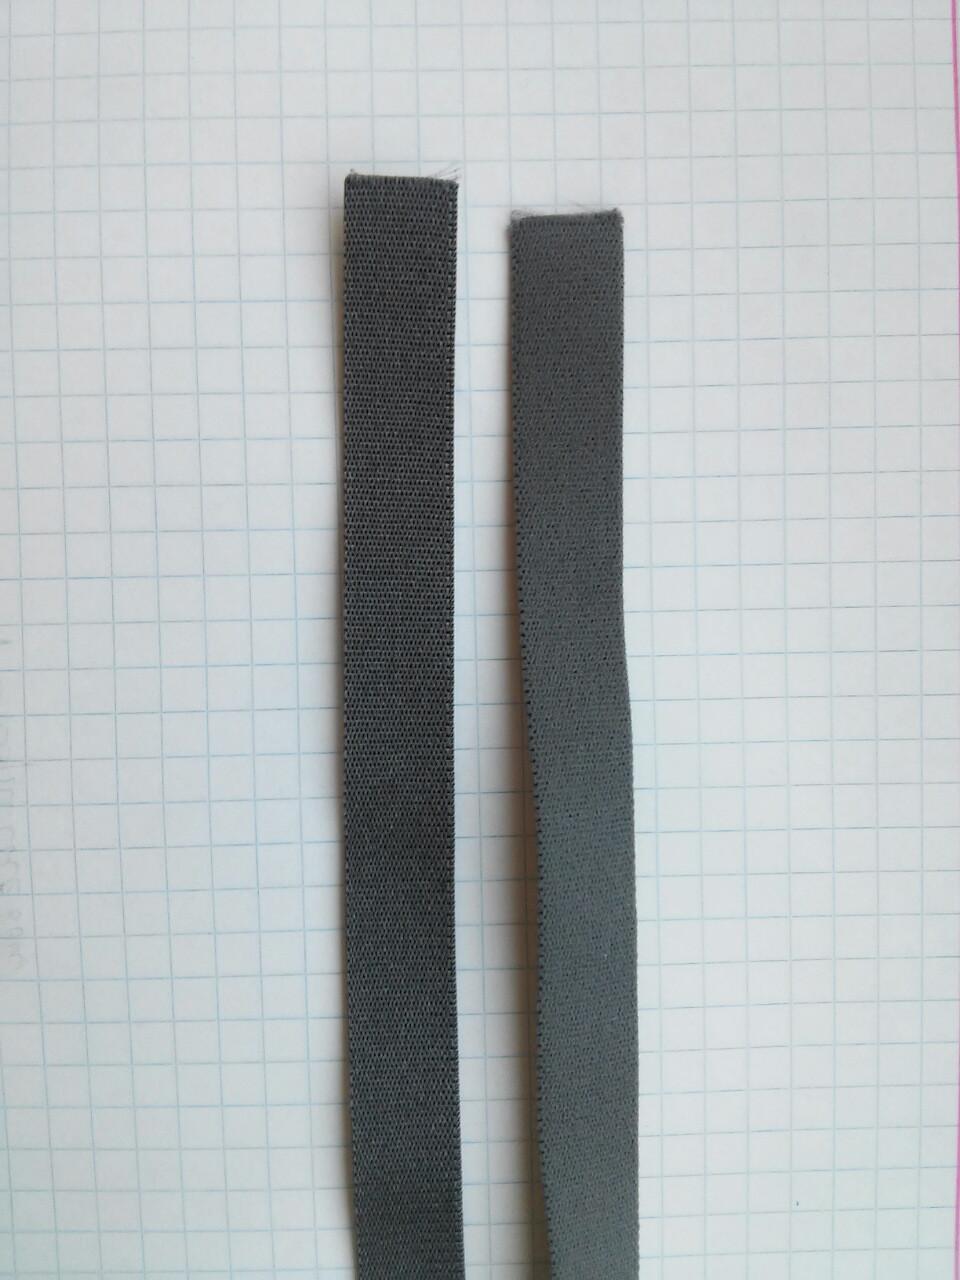 Резинка для шлеек бюстгалтера. Джинсовый  , серо-синий. Резинка двухсторонняя ,швейная фурнитура для белья .